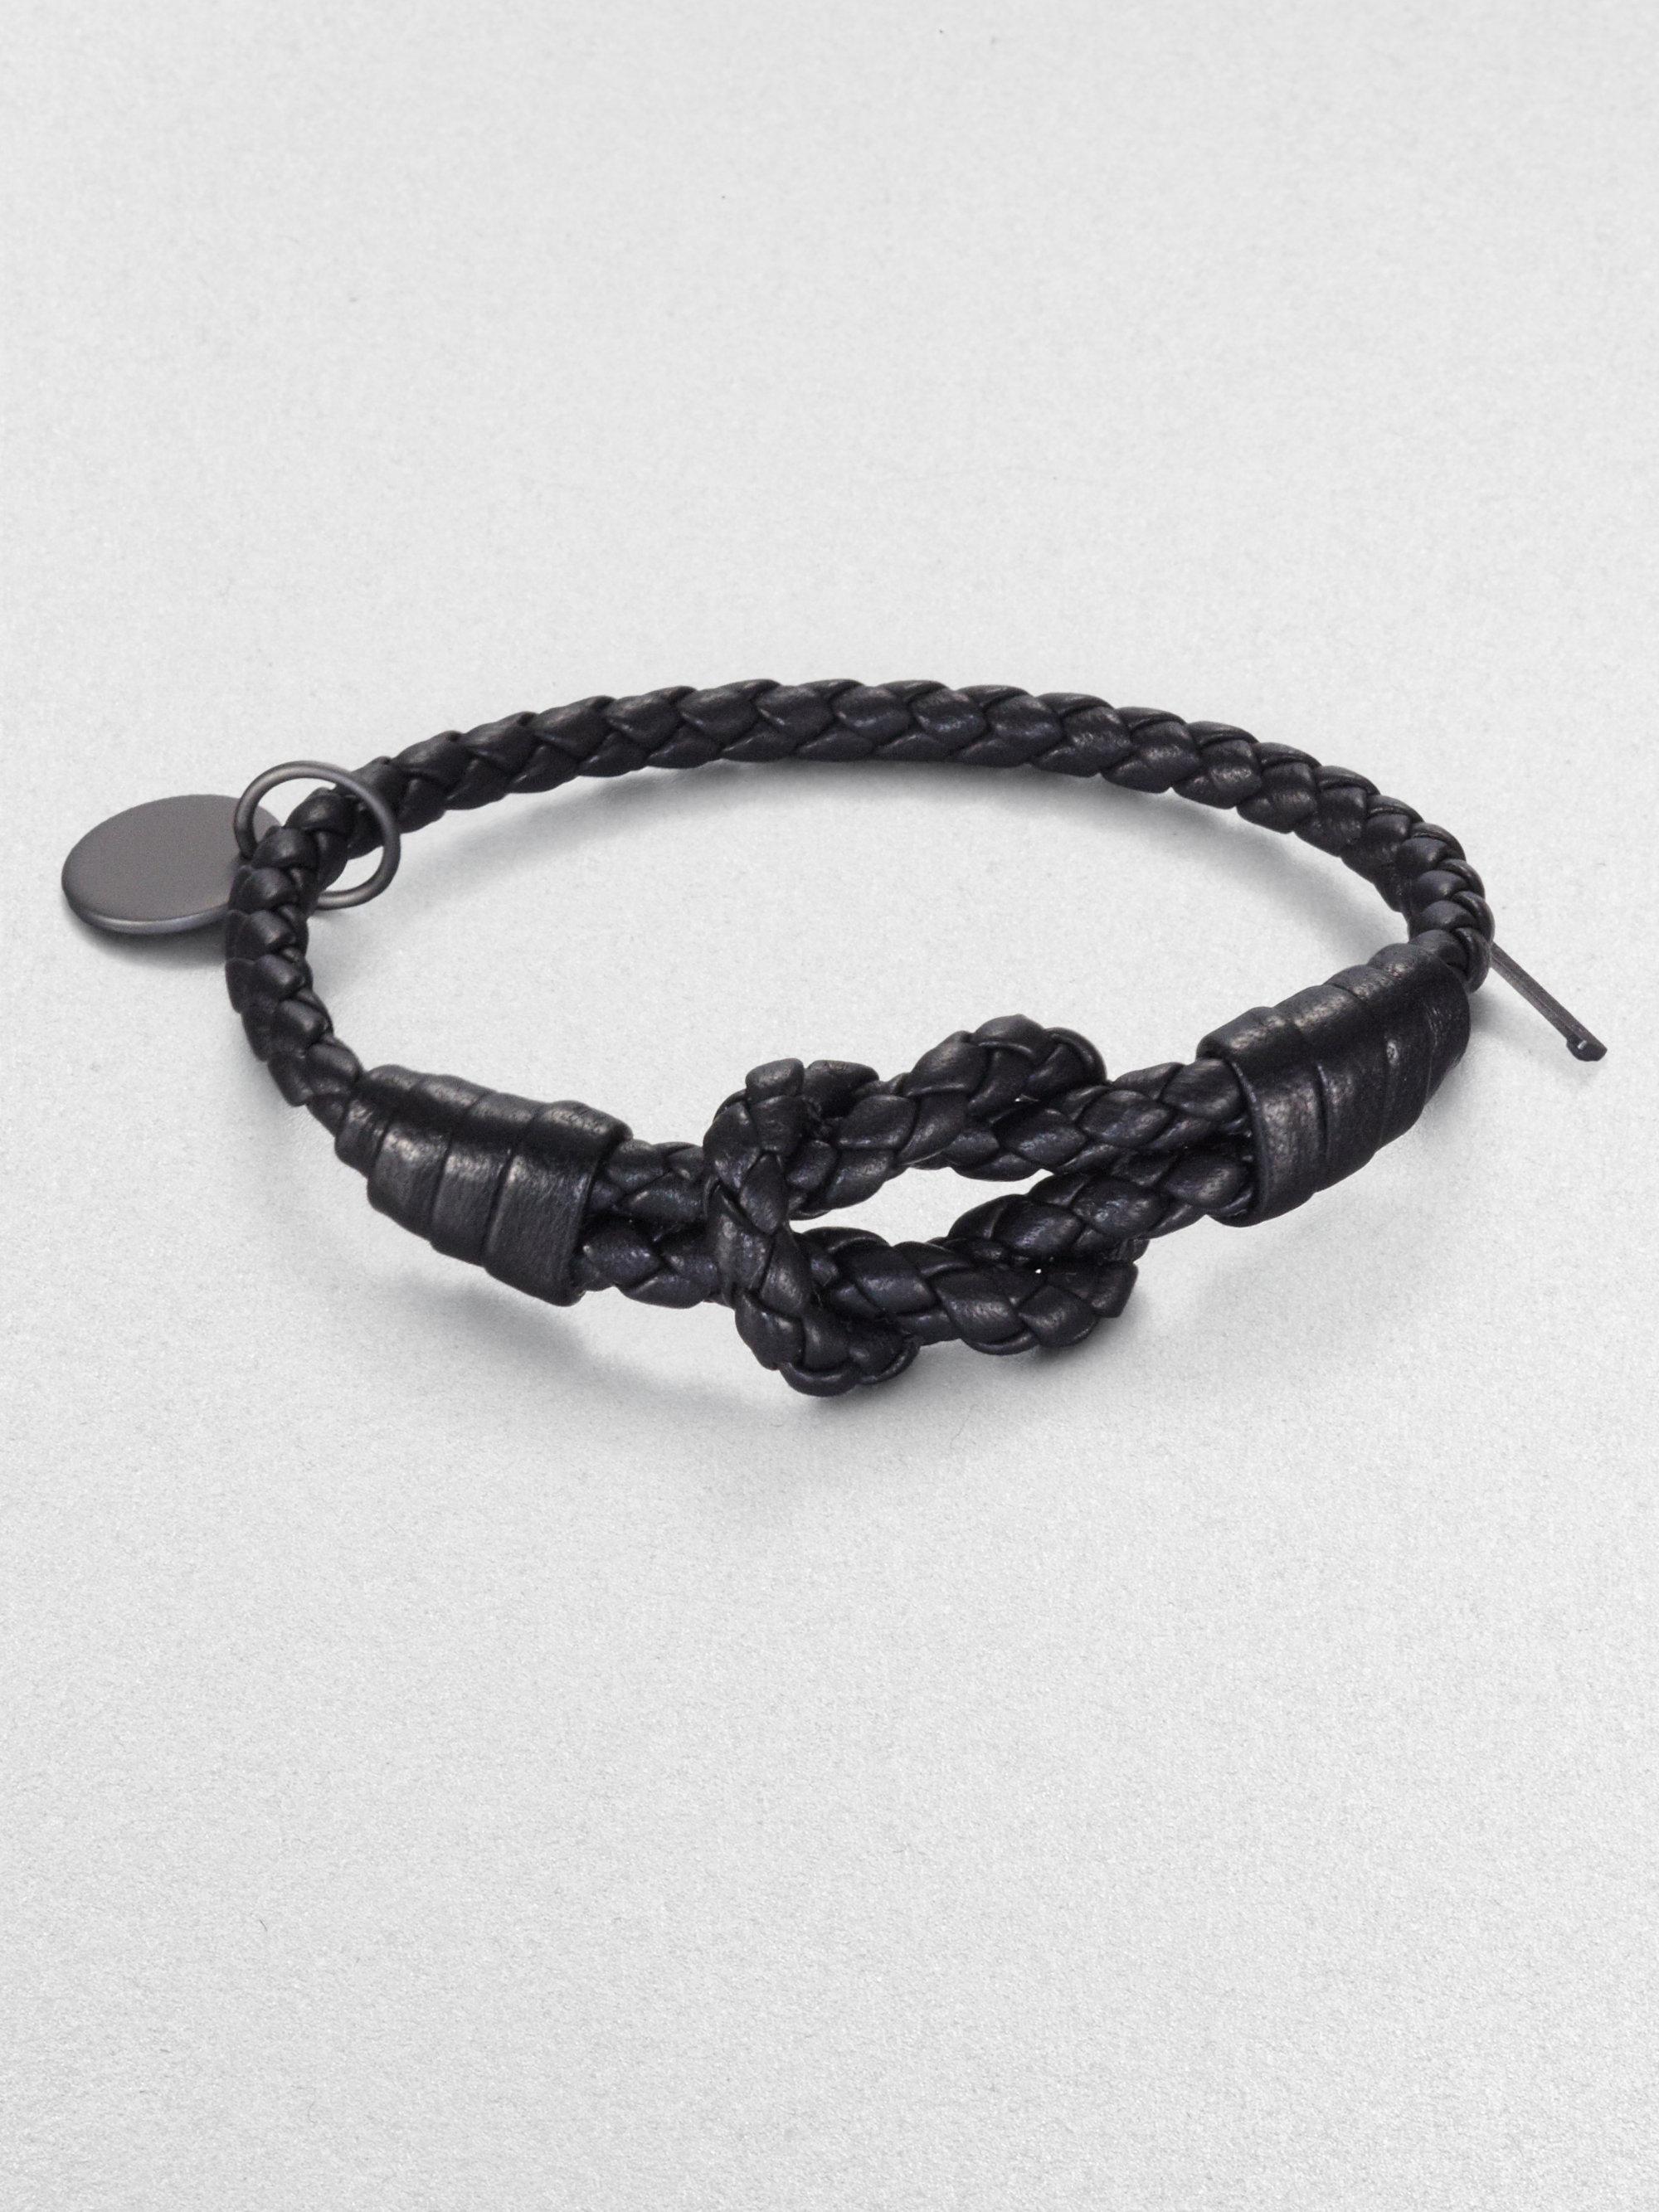 Bottega Veneta Intrecciato Knotted Leather Bracelet In